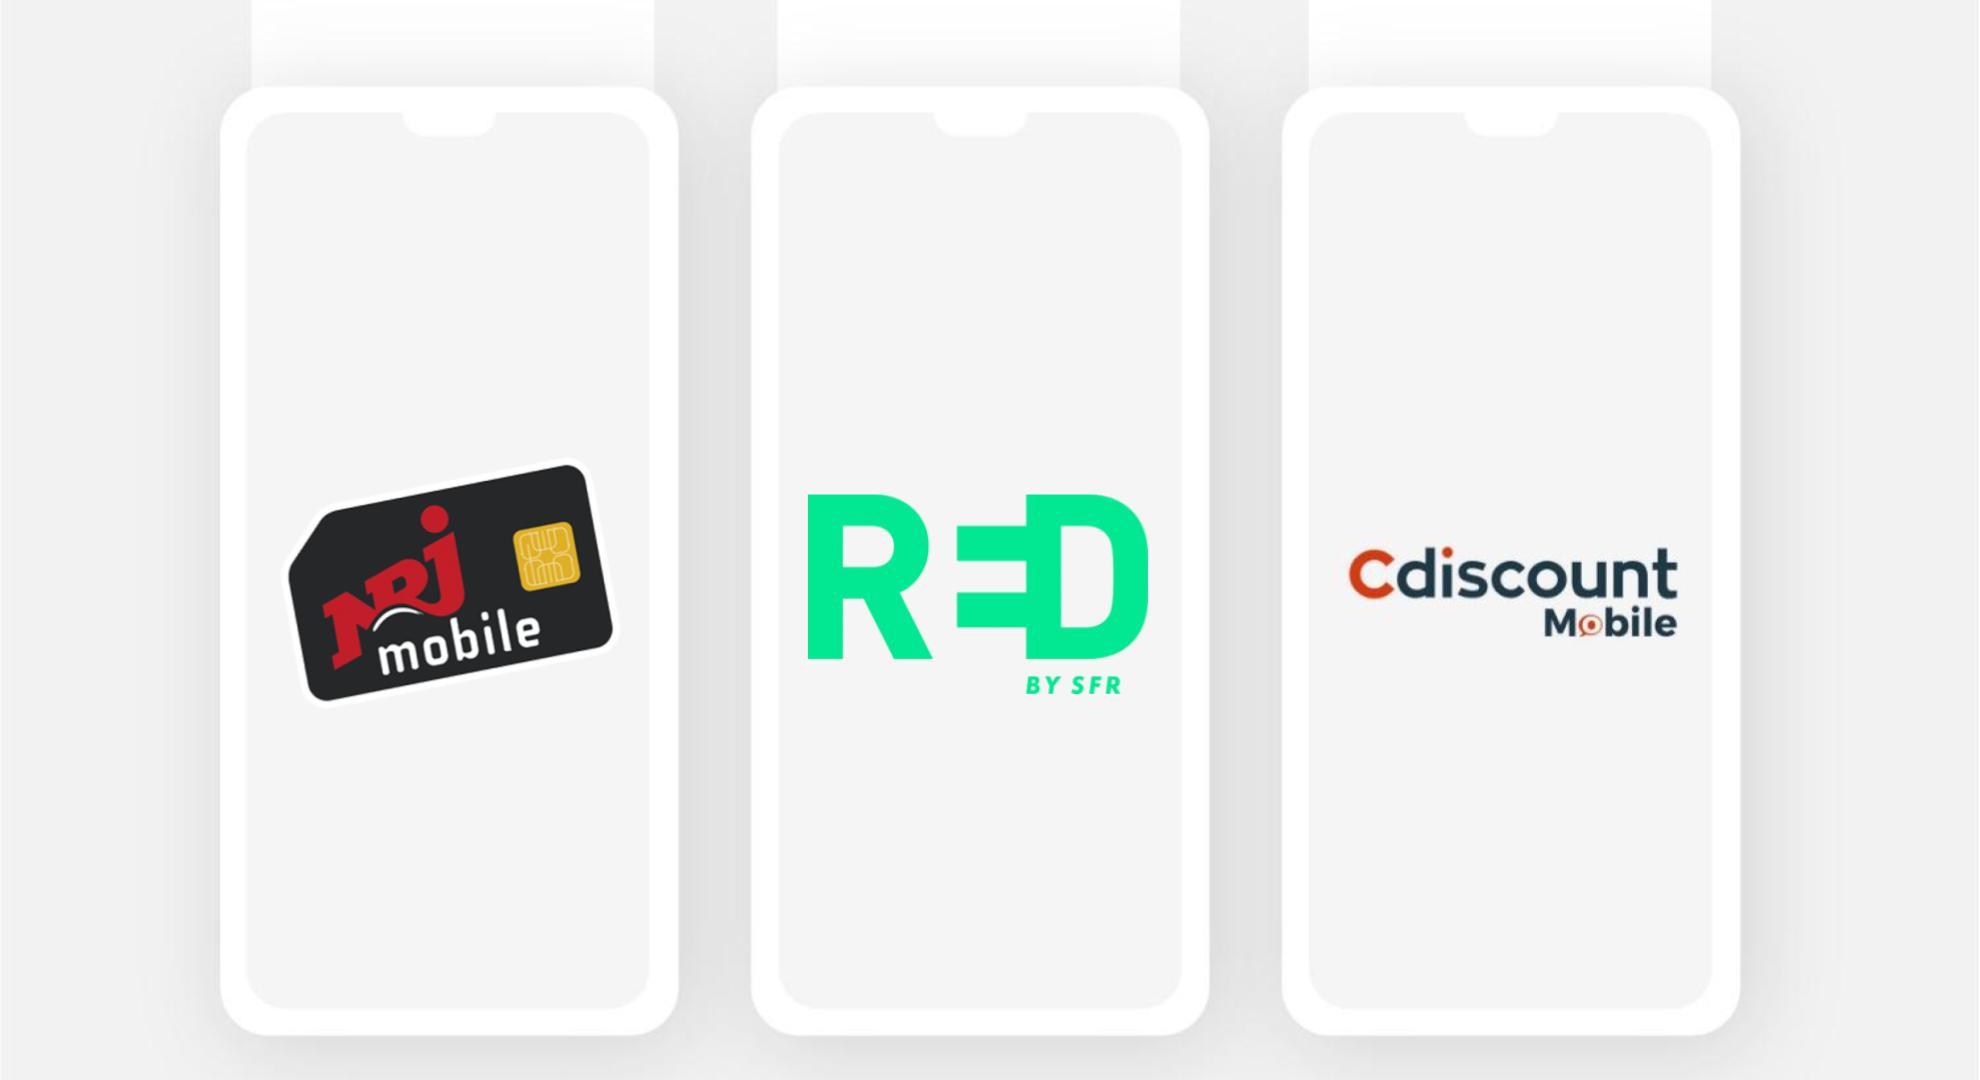 Forfait mobile : derniers jours pour ces 3 ventes flash à partir de 5,99 euros